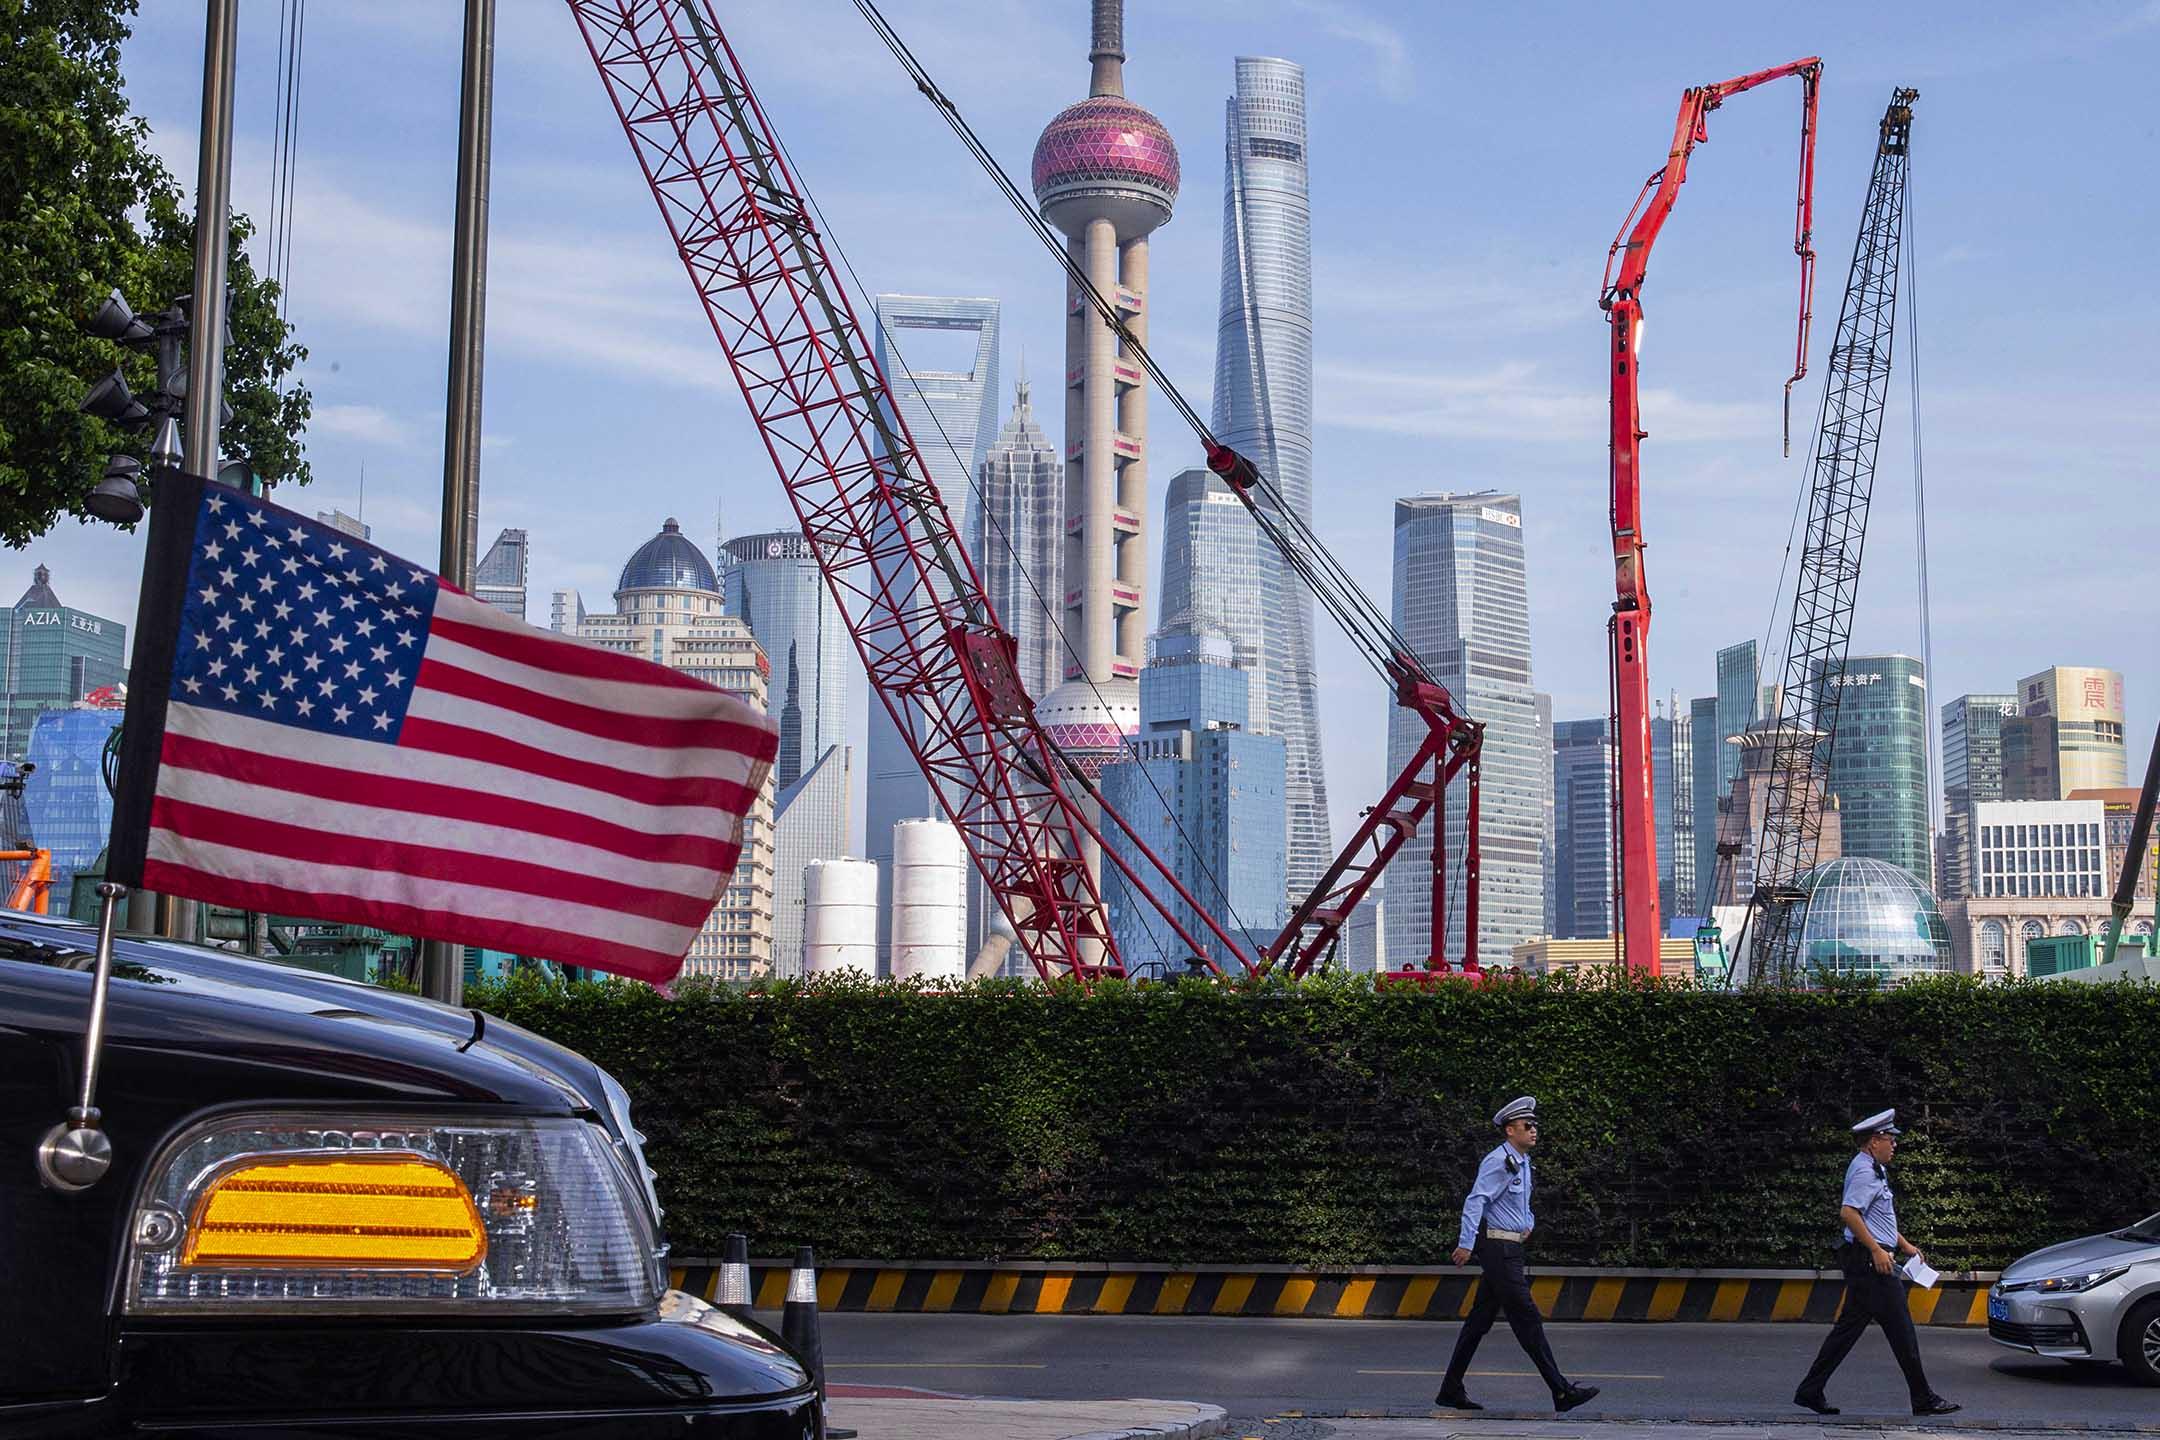 2019年7月30日上海,中國交警在飯店外,中美兩邊的官員正在會晤。 攝:Ng Han Guan/AP/達志影像